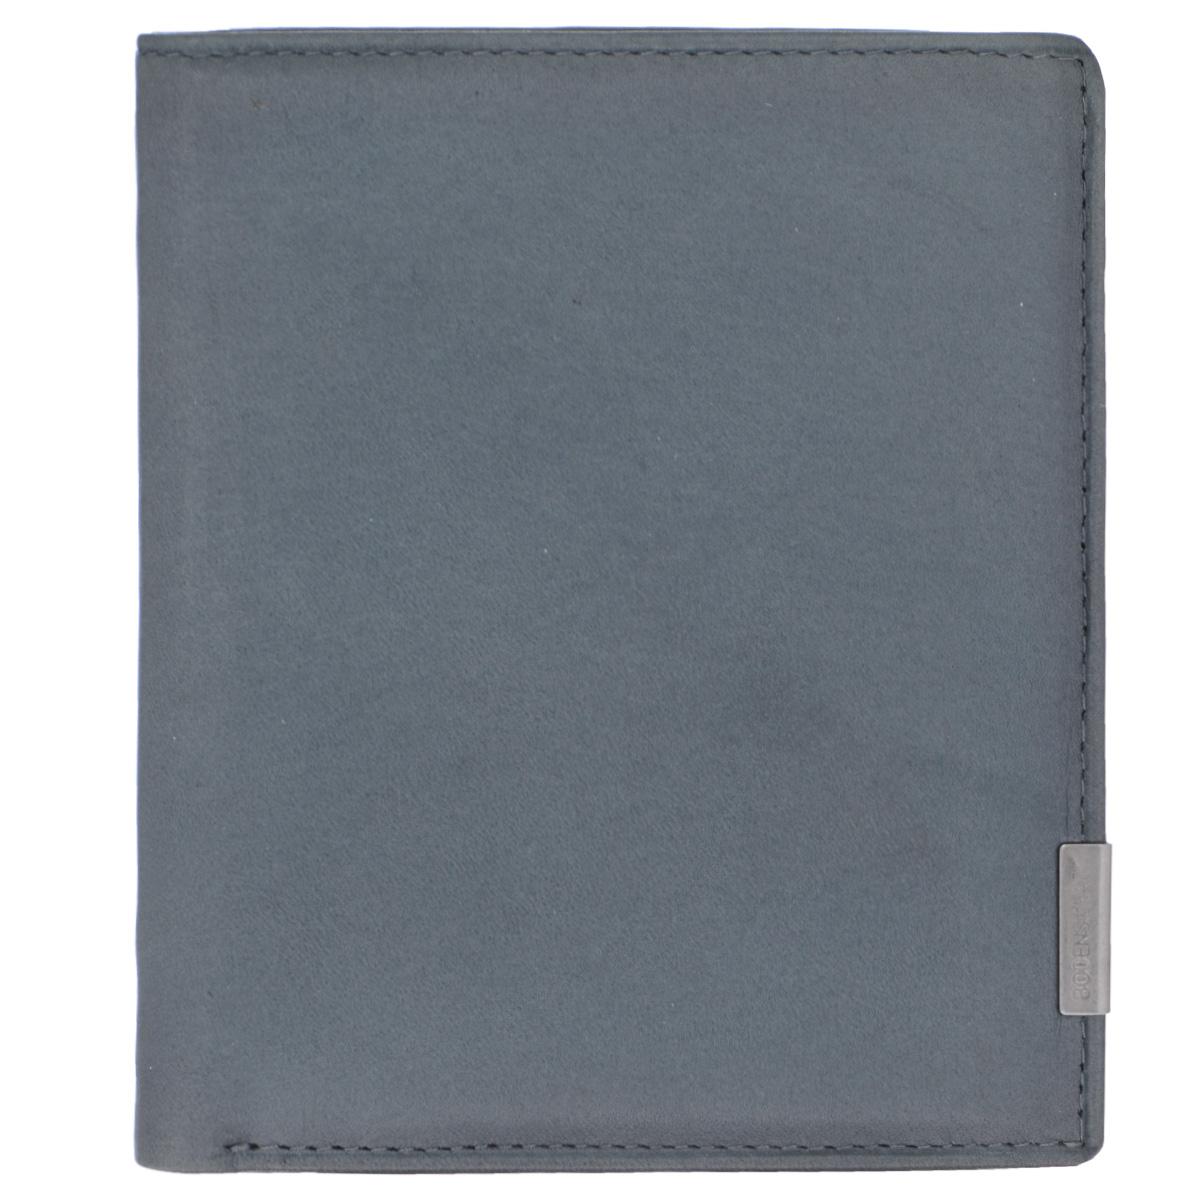 Бумажник мужской Bodenschatz, цвет: серый. 8-660/16W16-11128_323Модный мужской бумажник Bodenschatz изготовлен из натуральной кожи и оформлен небольшой металлической пластиной с гравировкой в виде названия бренда на лицевой стороне. Внутри - два отделения для купюр, отсек для мелочи на замке-кнопке, боковой карман, два сетчатых кармана, четыре прорези для визиток и кредитных карт (одна оформлена с внешней стороны сеткой).Изделие упаковано в фирменную коробку.Изысканный бумажник не оставит равнодушным истинного ценителя прекрасного.